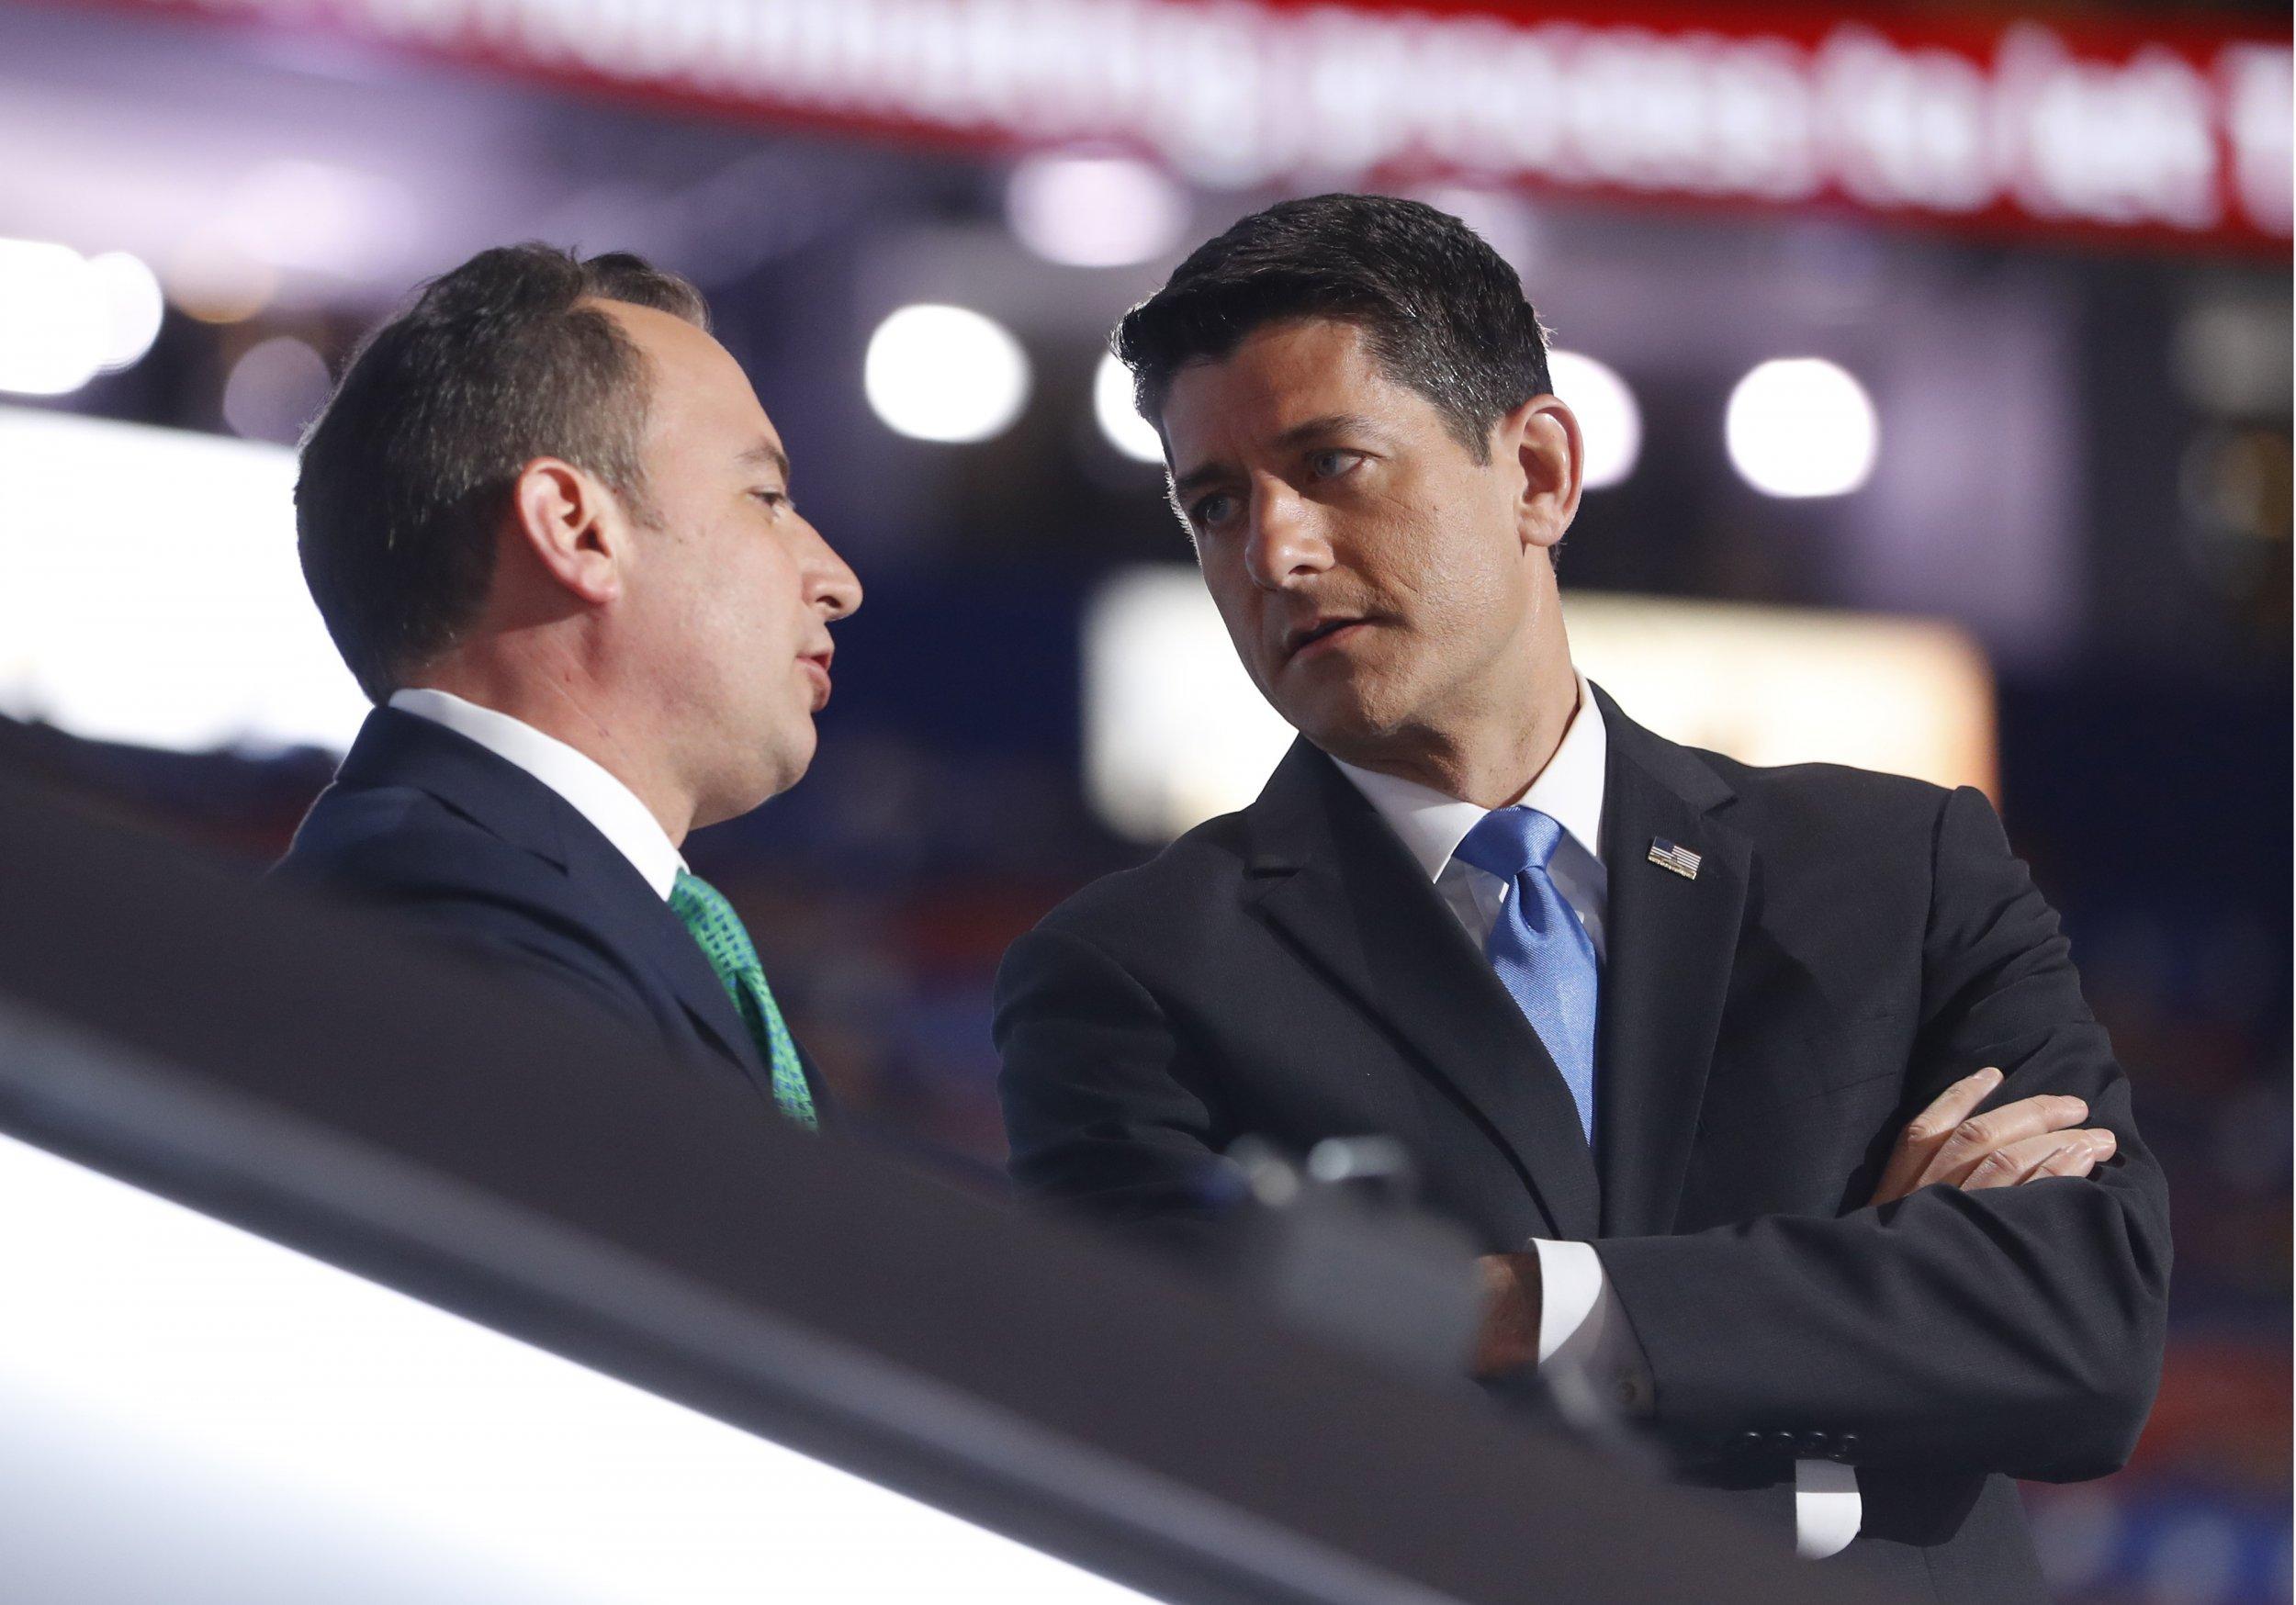 08_27_Woo_Republicans_01